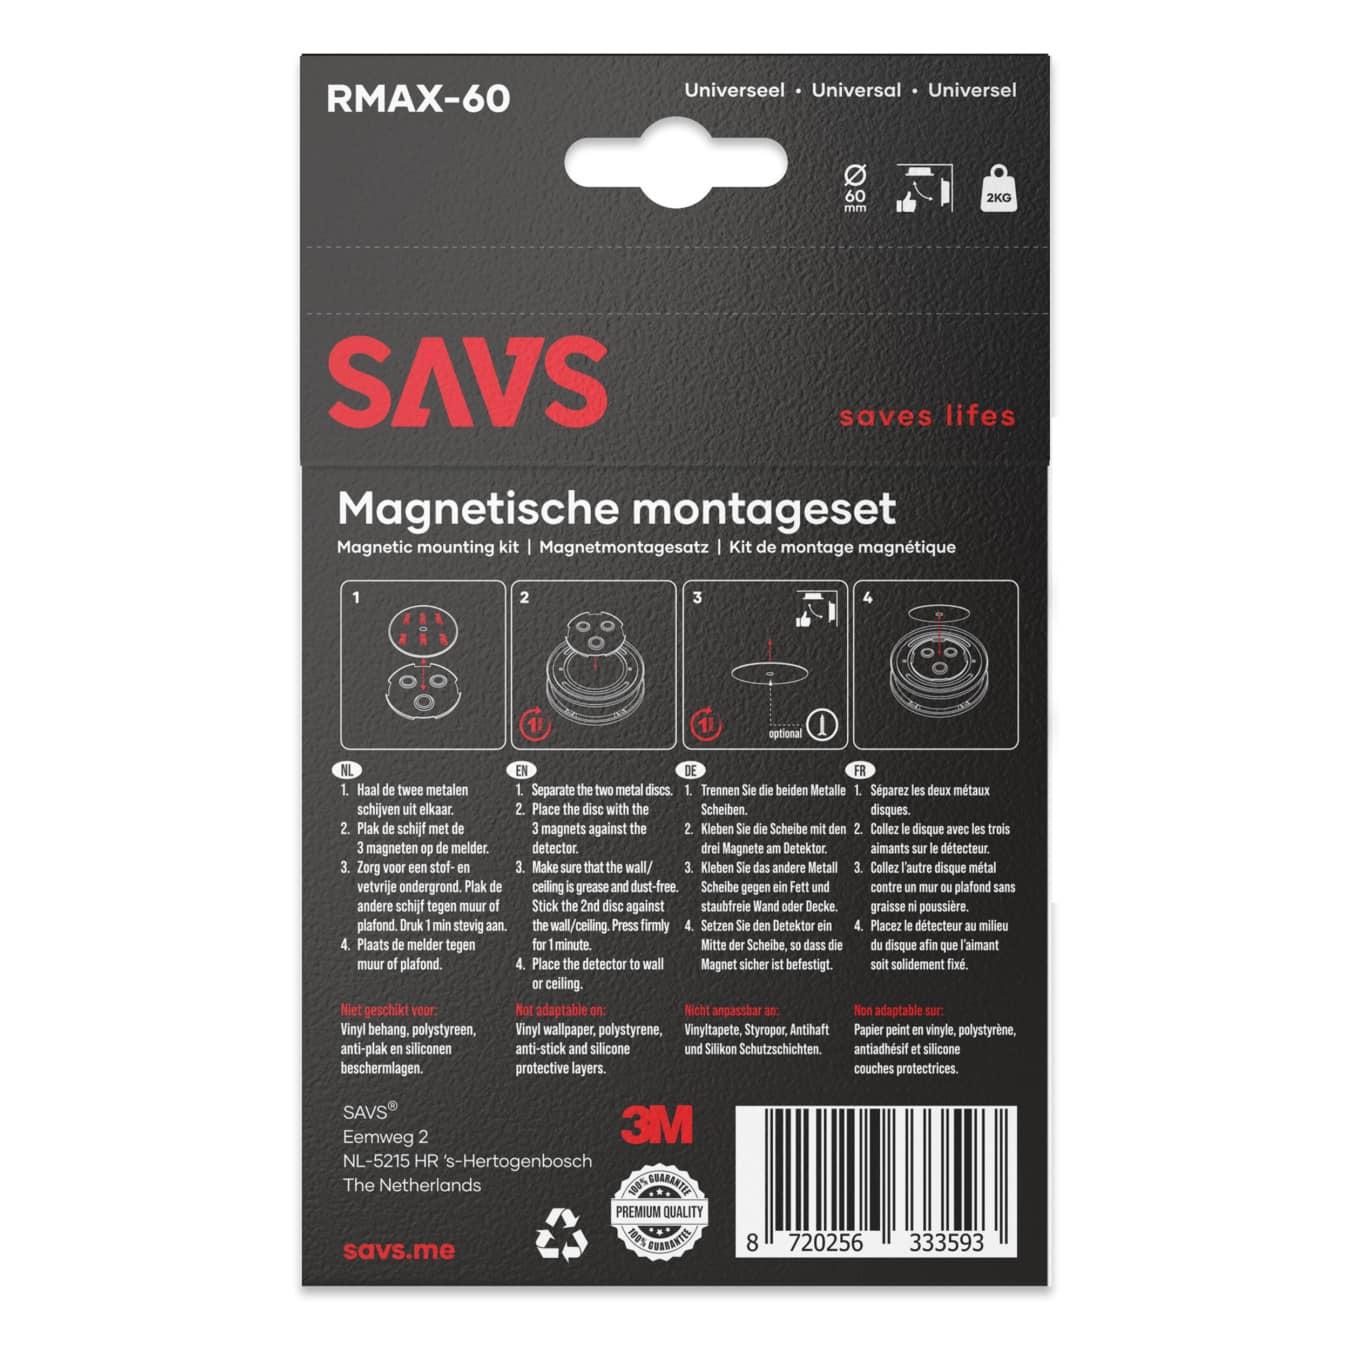 Koop Magnetische montageset RMAX-60 - 60mm